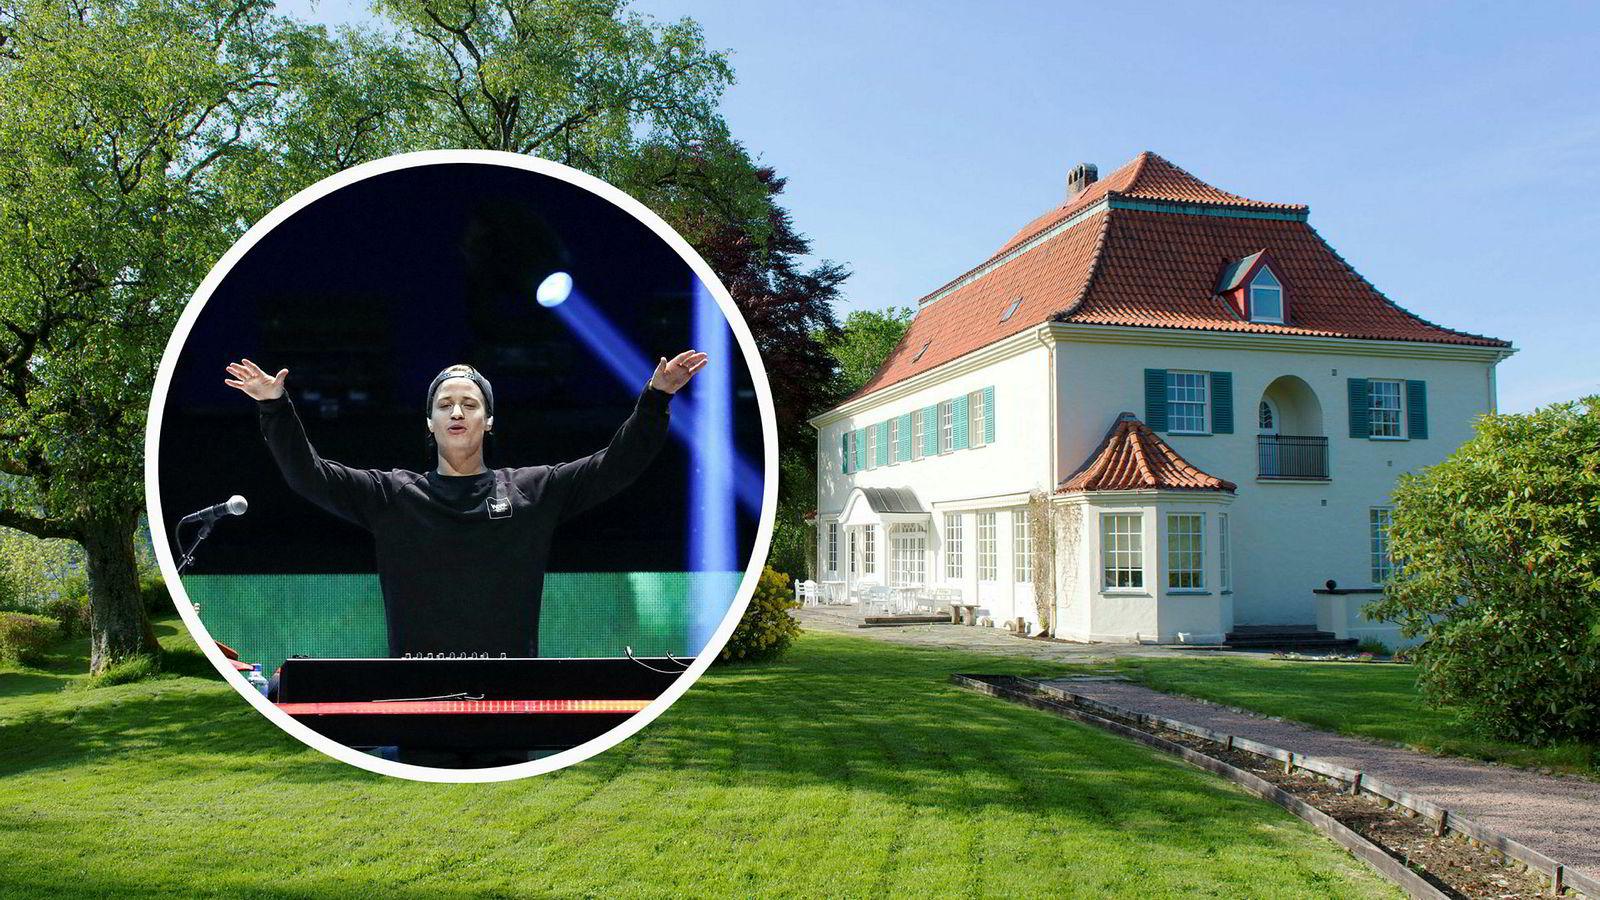 Popstjernen Kyrre Gørvell-Dahll, kjent som Kygo, eier Bergens dyreste hus som ligger i Hopsnesvegen 120 i Bergen. Prisen var 41 millioner kroner.